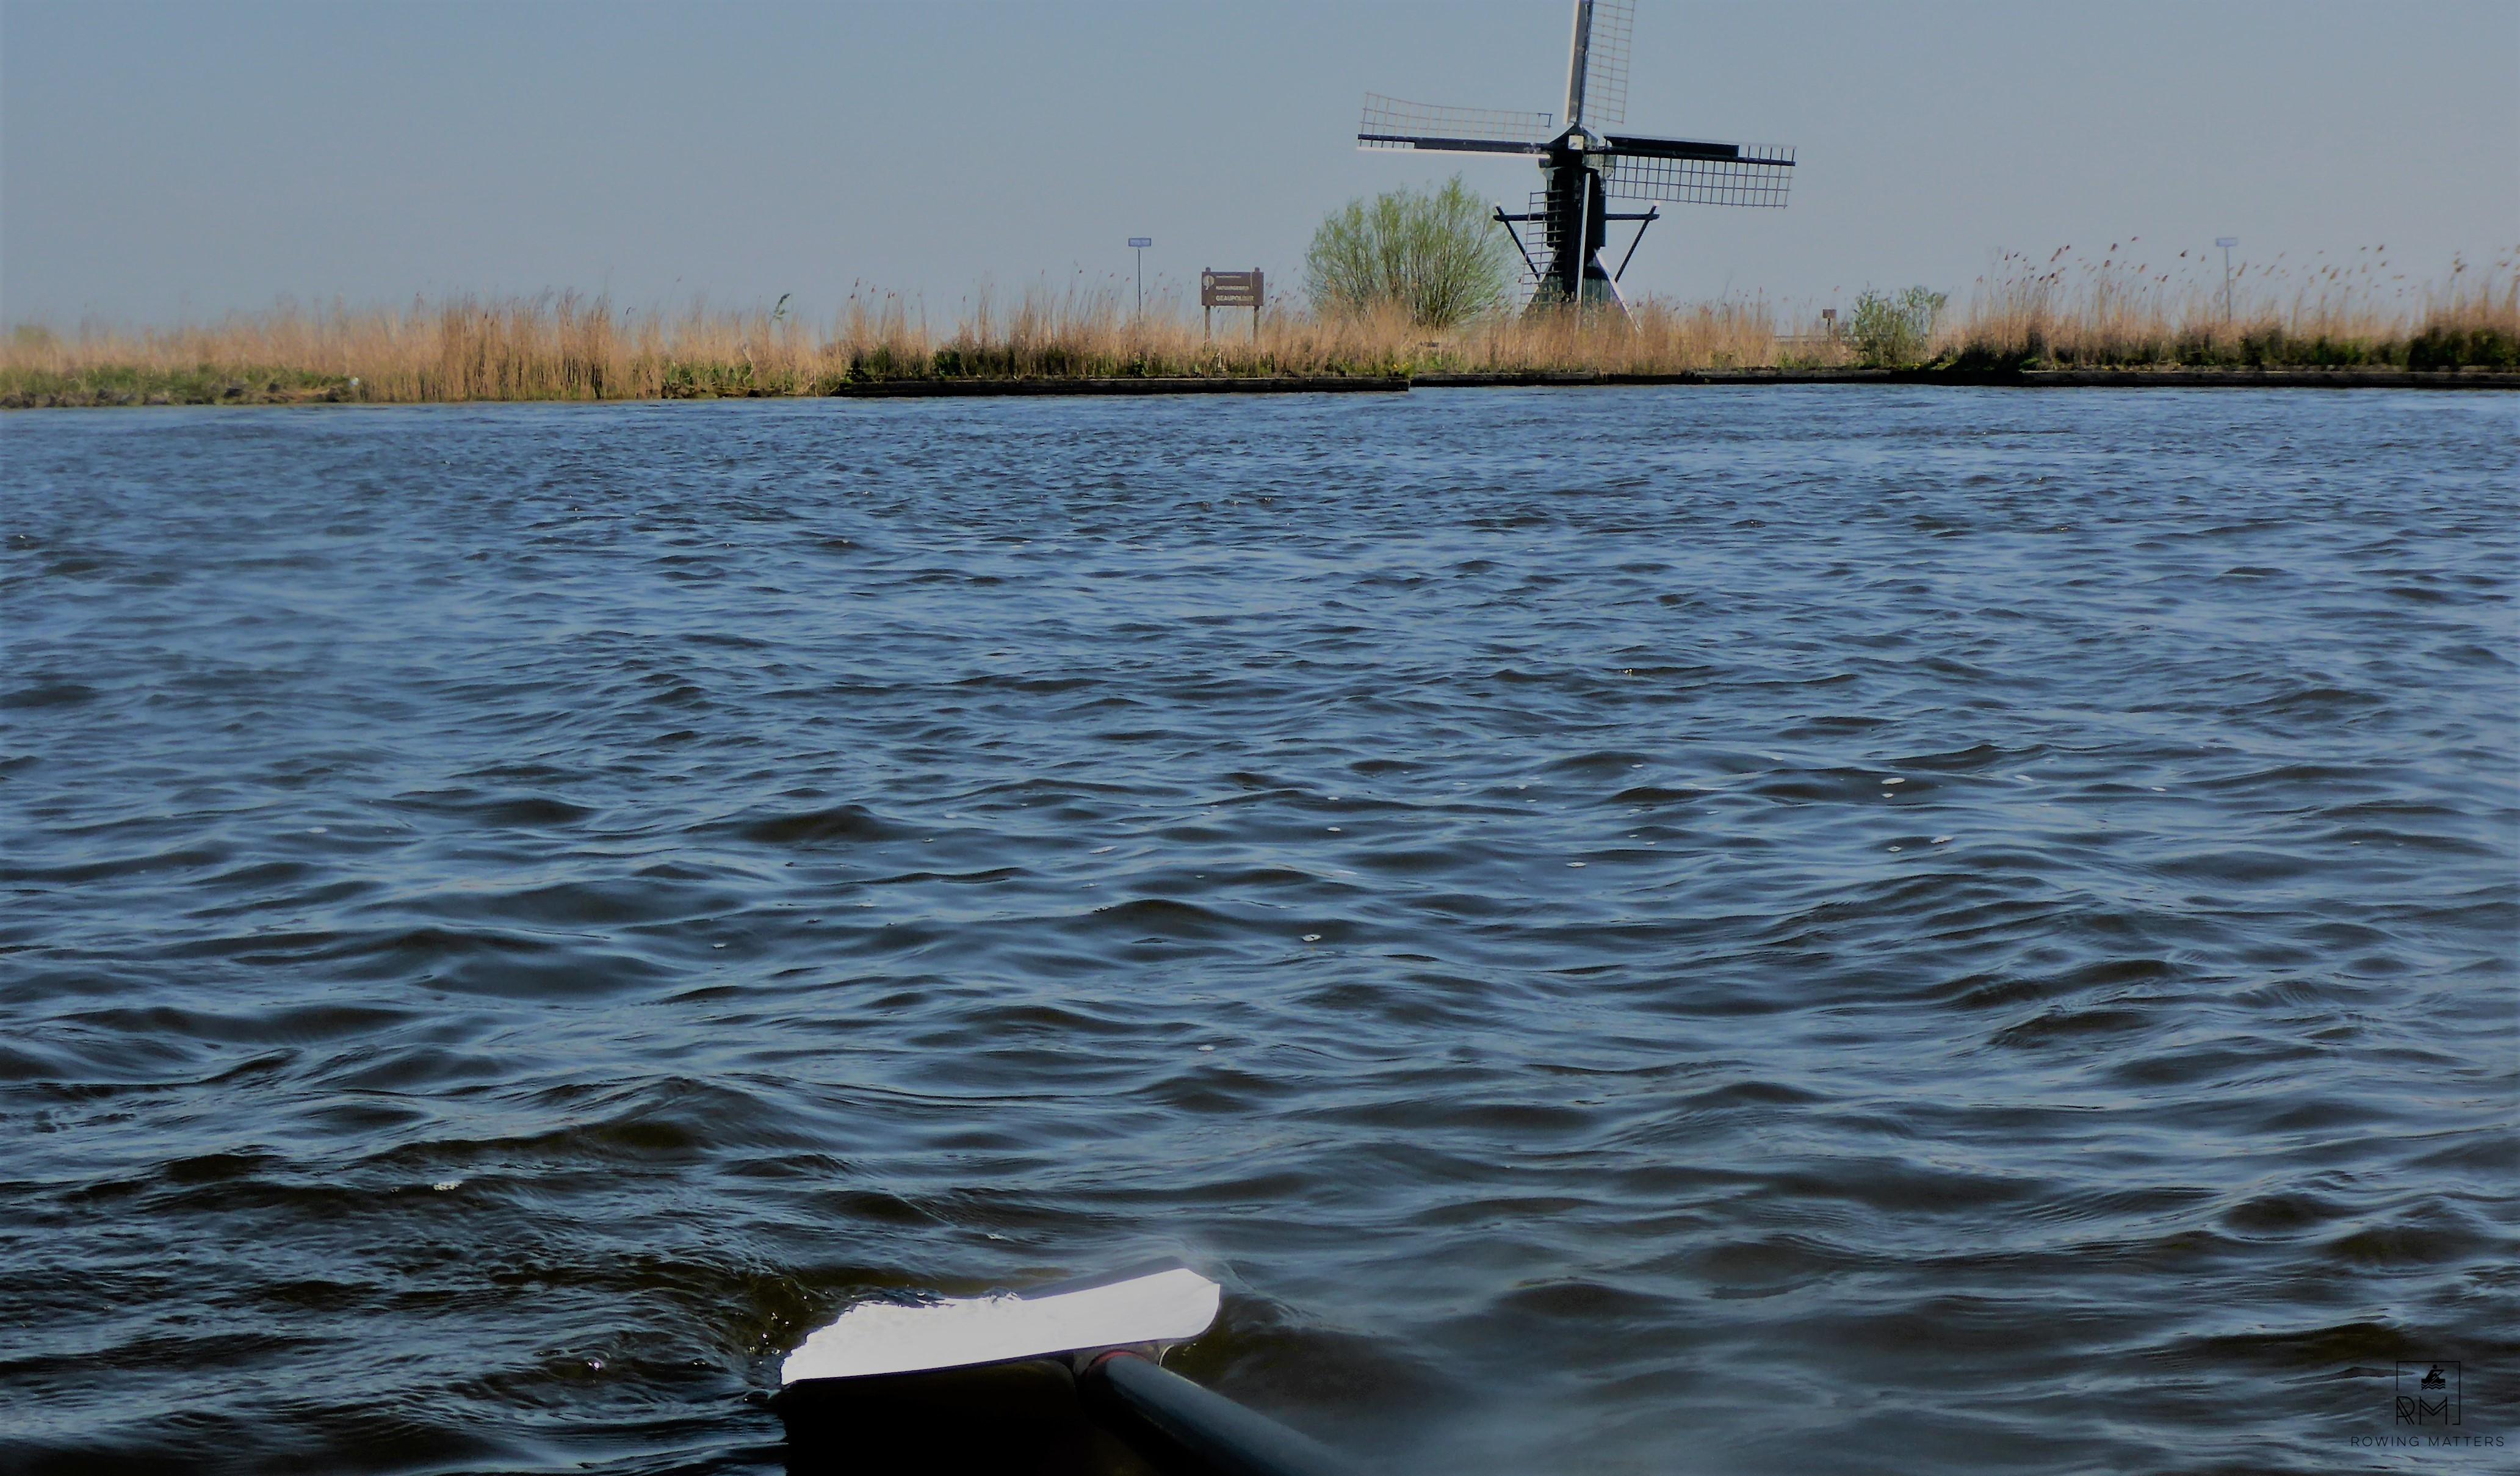 Kanal mit Windmühle in Friesland, Niederlande